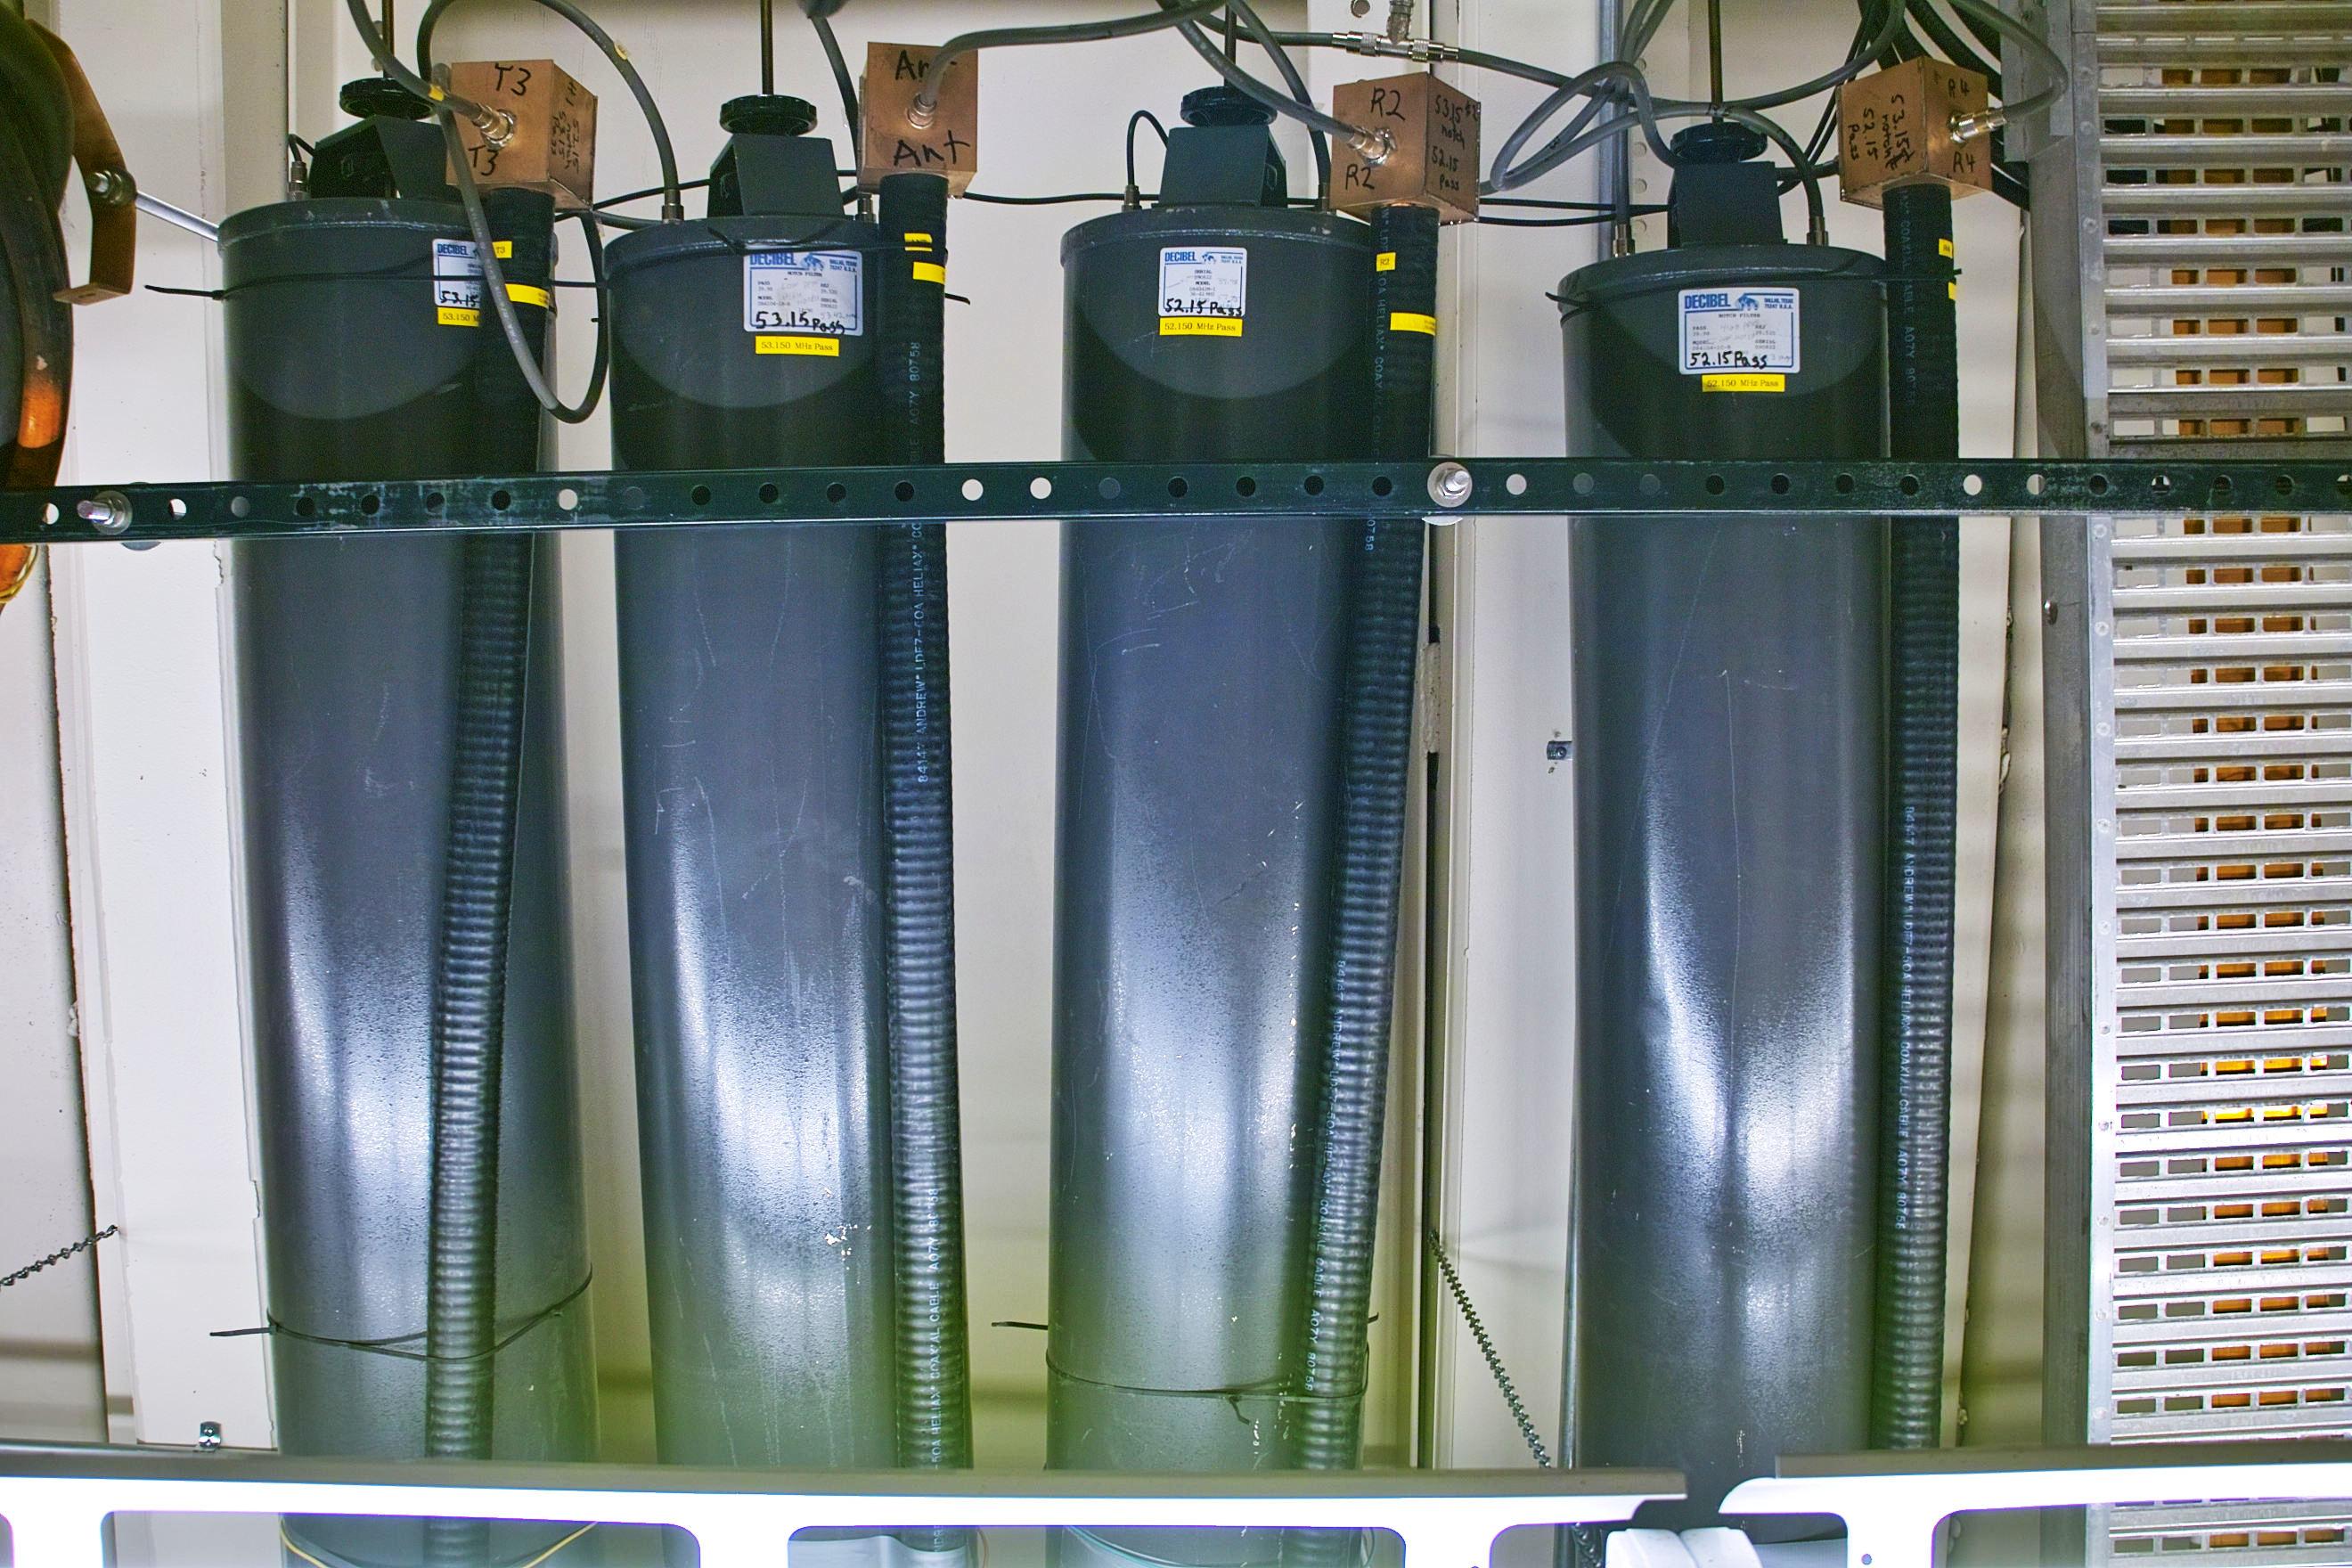 The KI7DX 6 Meter Repeater